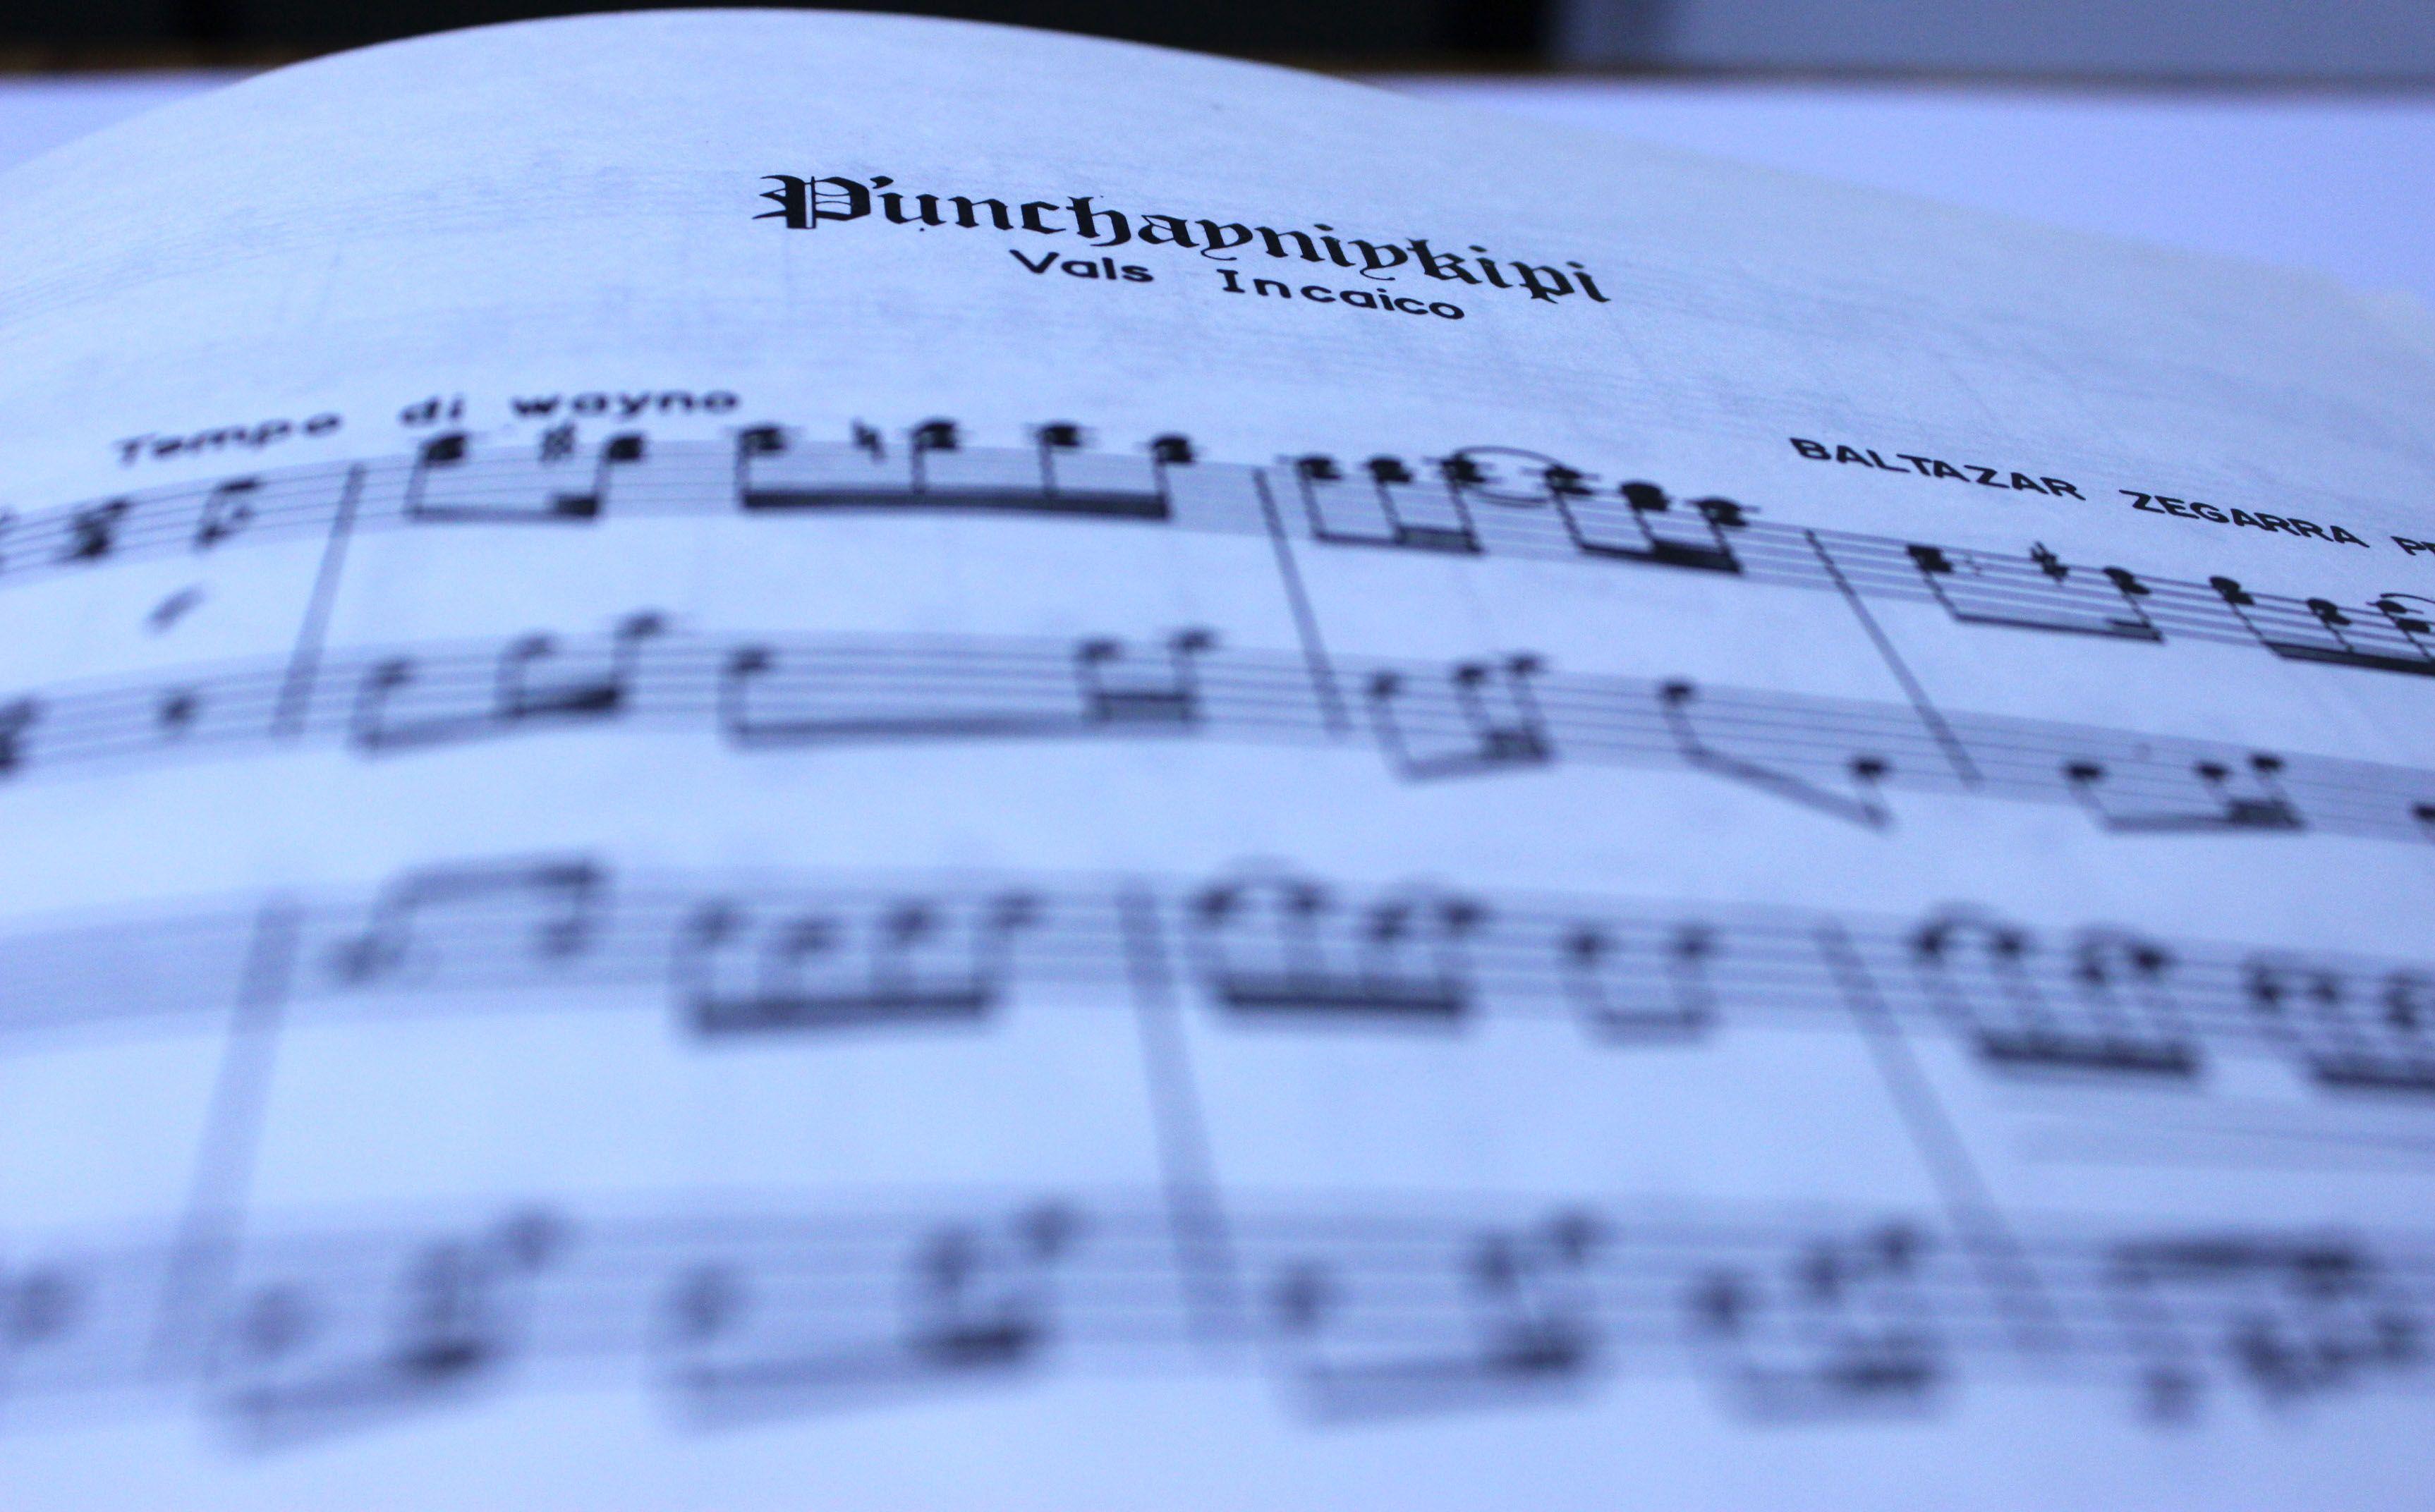 """P'unchayniykipi es, probablemente la obra que más se interpreta y se escucha de Baltazar Zegarra ya que su temática es de celebrar el natalicio. Comienza con un wayno a manera de introducción (esta introducción cerrará la obra, un rasgo propio de la música Cusqueña), a este le sigue un vals, """"vals característico"""" (forma que el mismo autor creó) y una variedad de bellos motivos musicales.  Fuente:http://sonoletras.blogspot.com/2012/03/los-cuatro-grandes-de-la-musica.html"""